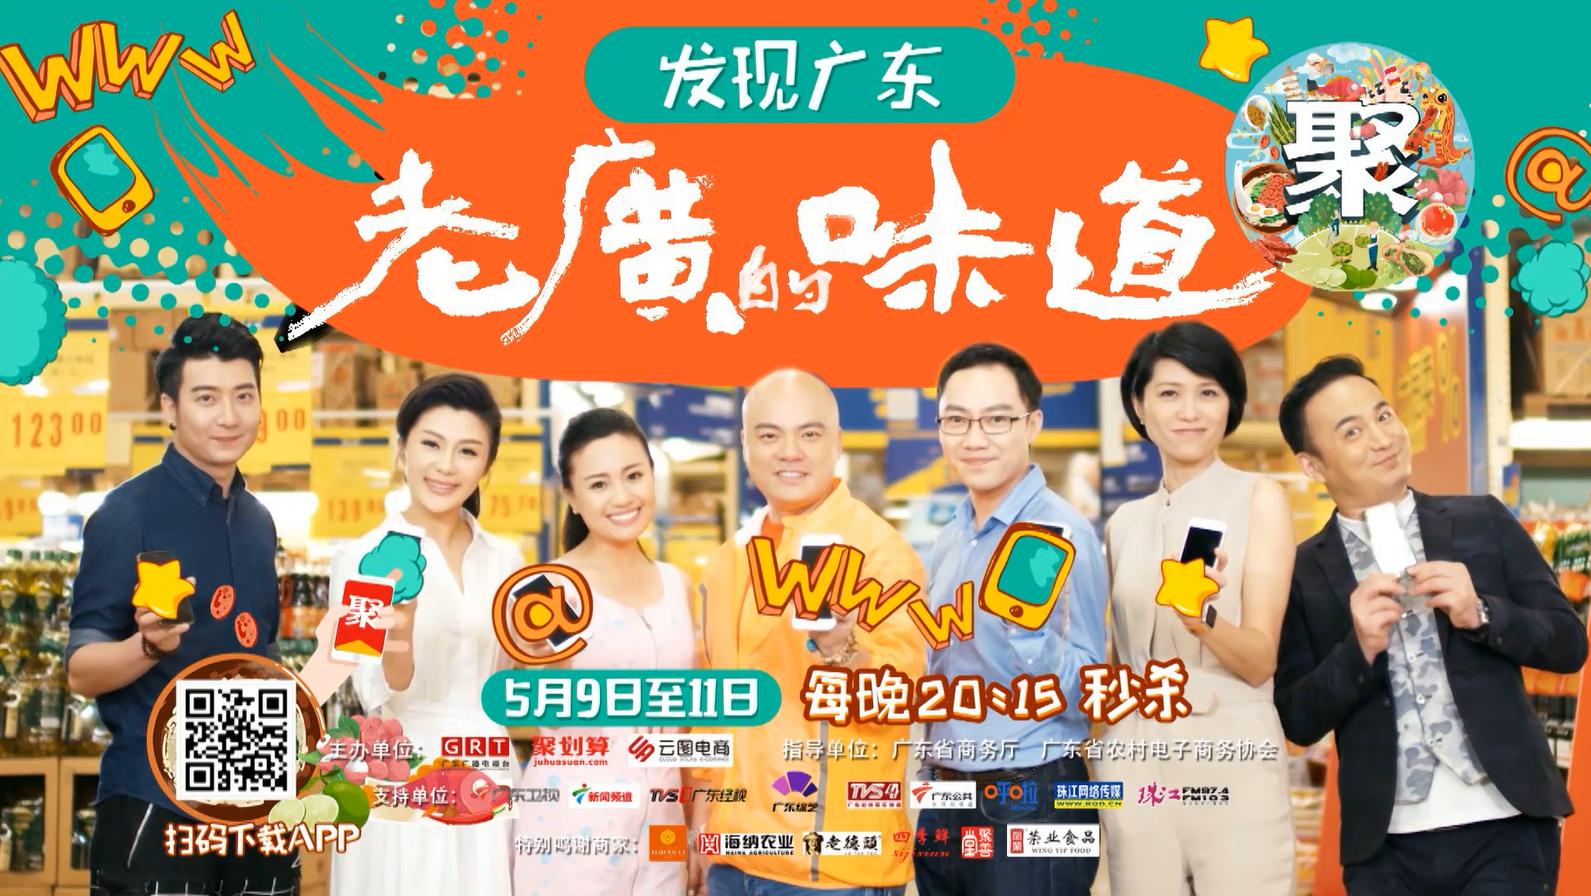 广东广播电视台联手聚划算 一分钱秒杀广东爆款美味